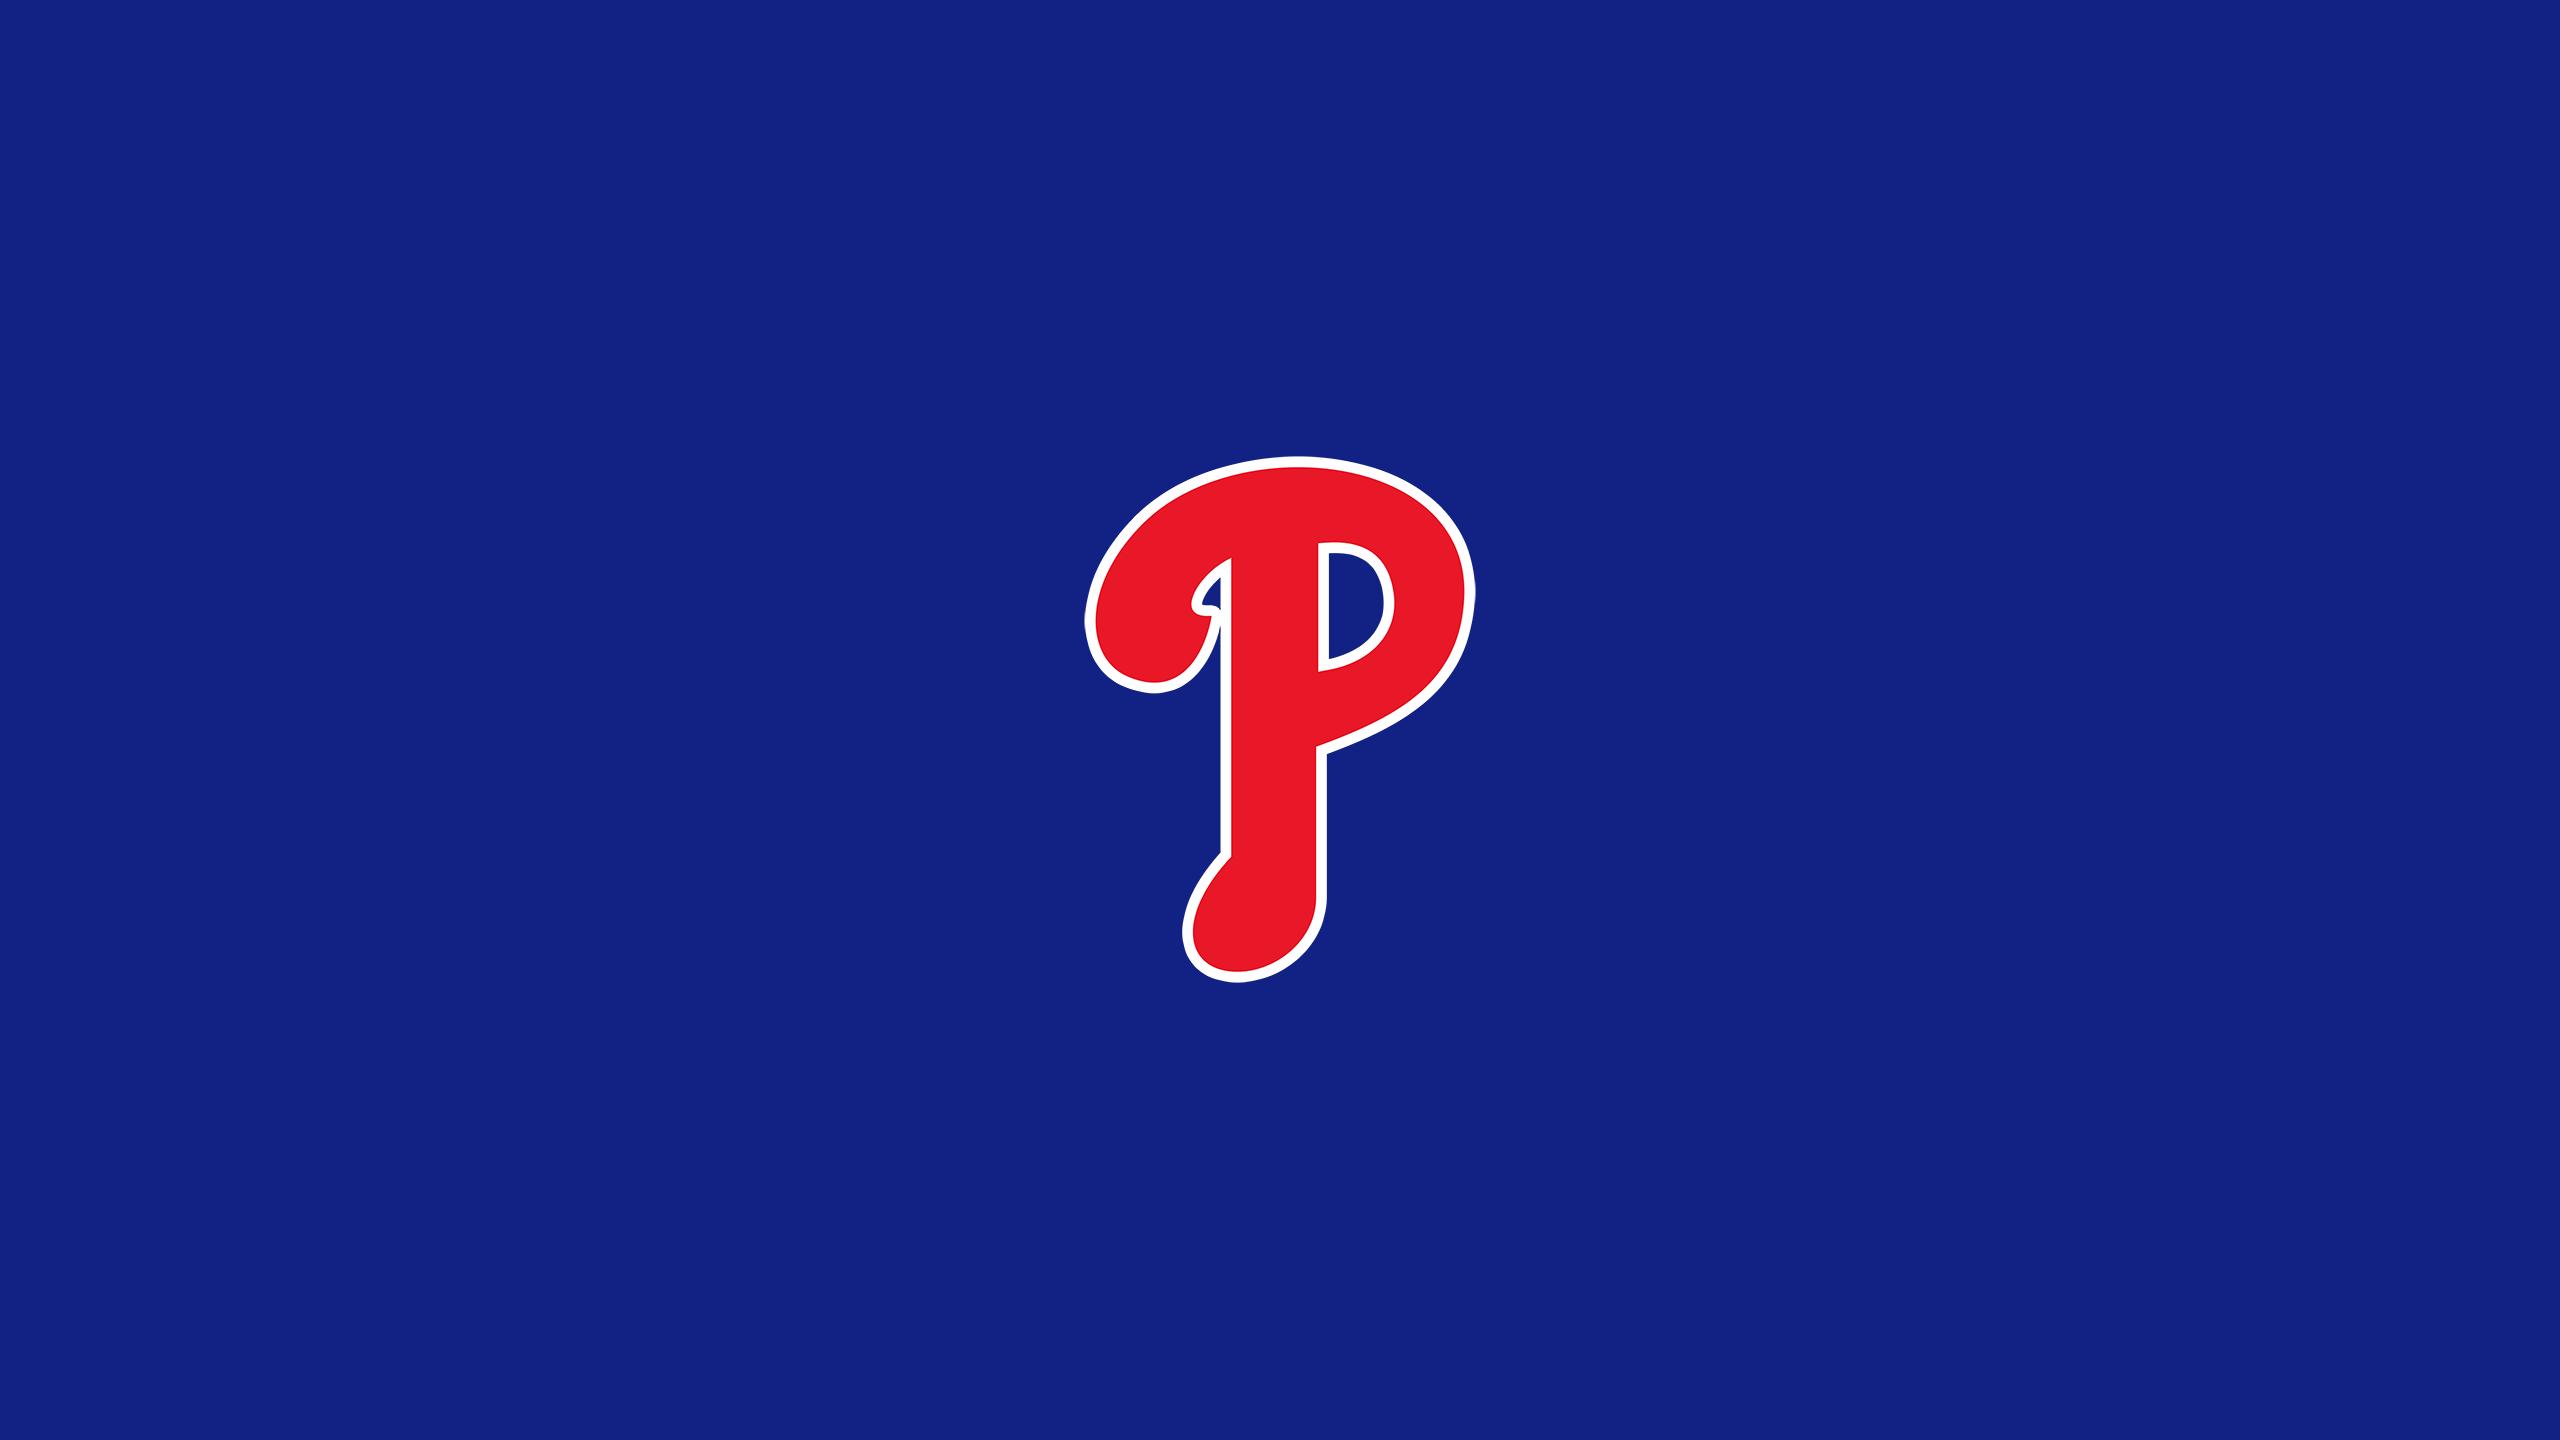 Philadelphia Phillies (Alt Cap)